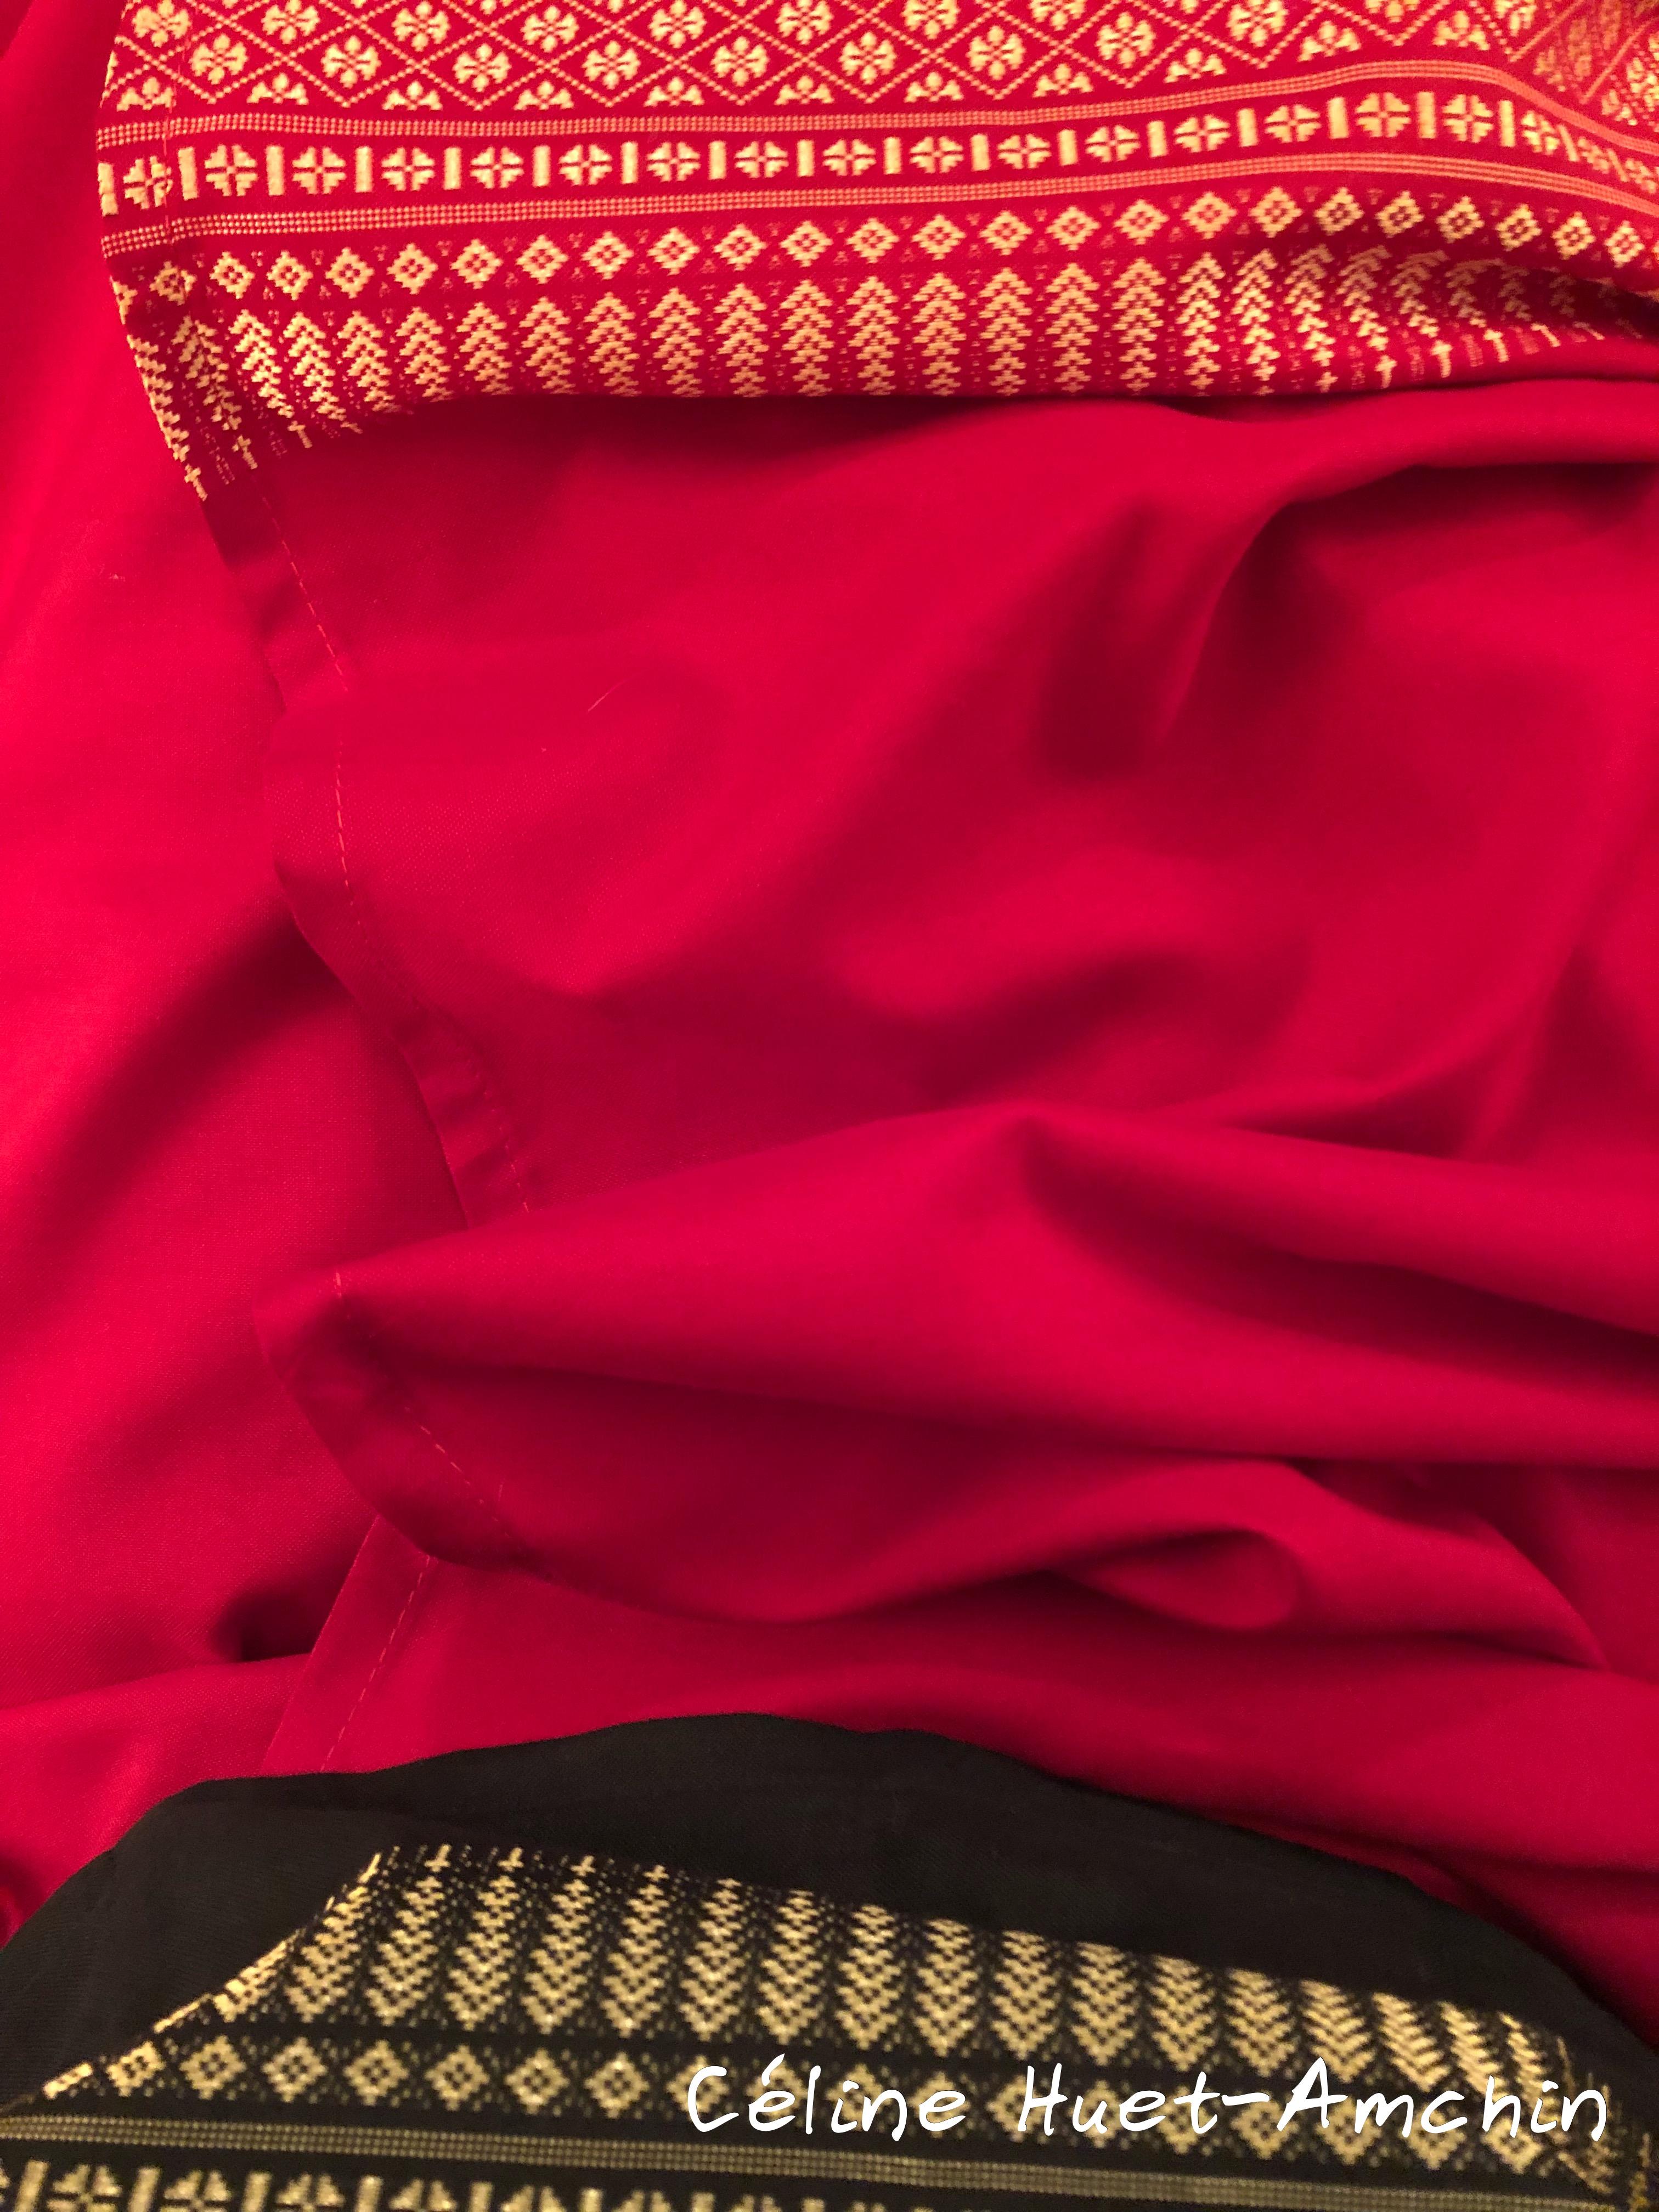 Détails de ma tenue traditionnelle thaï